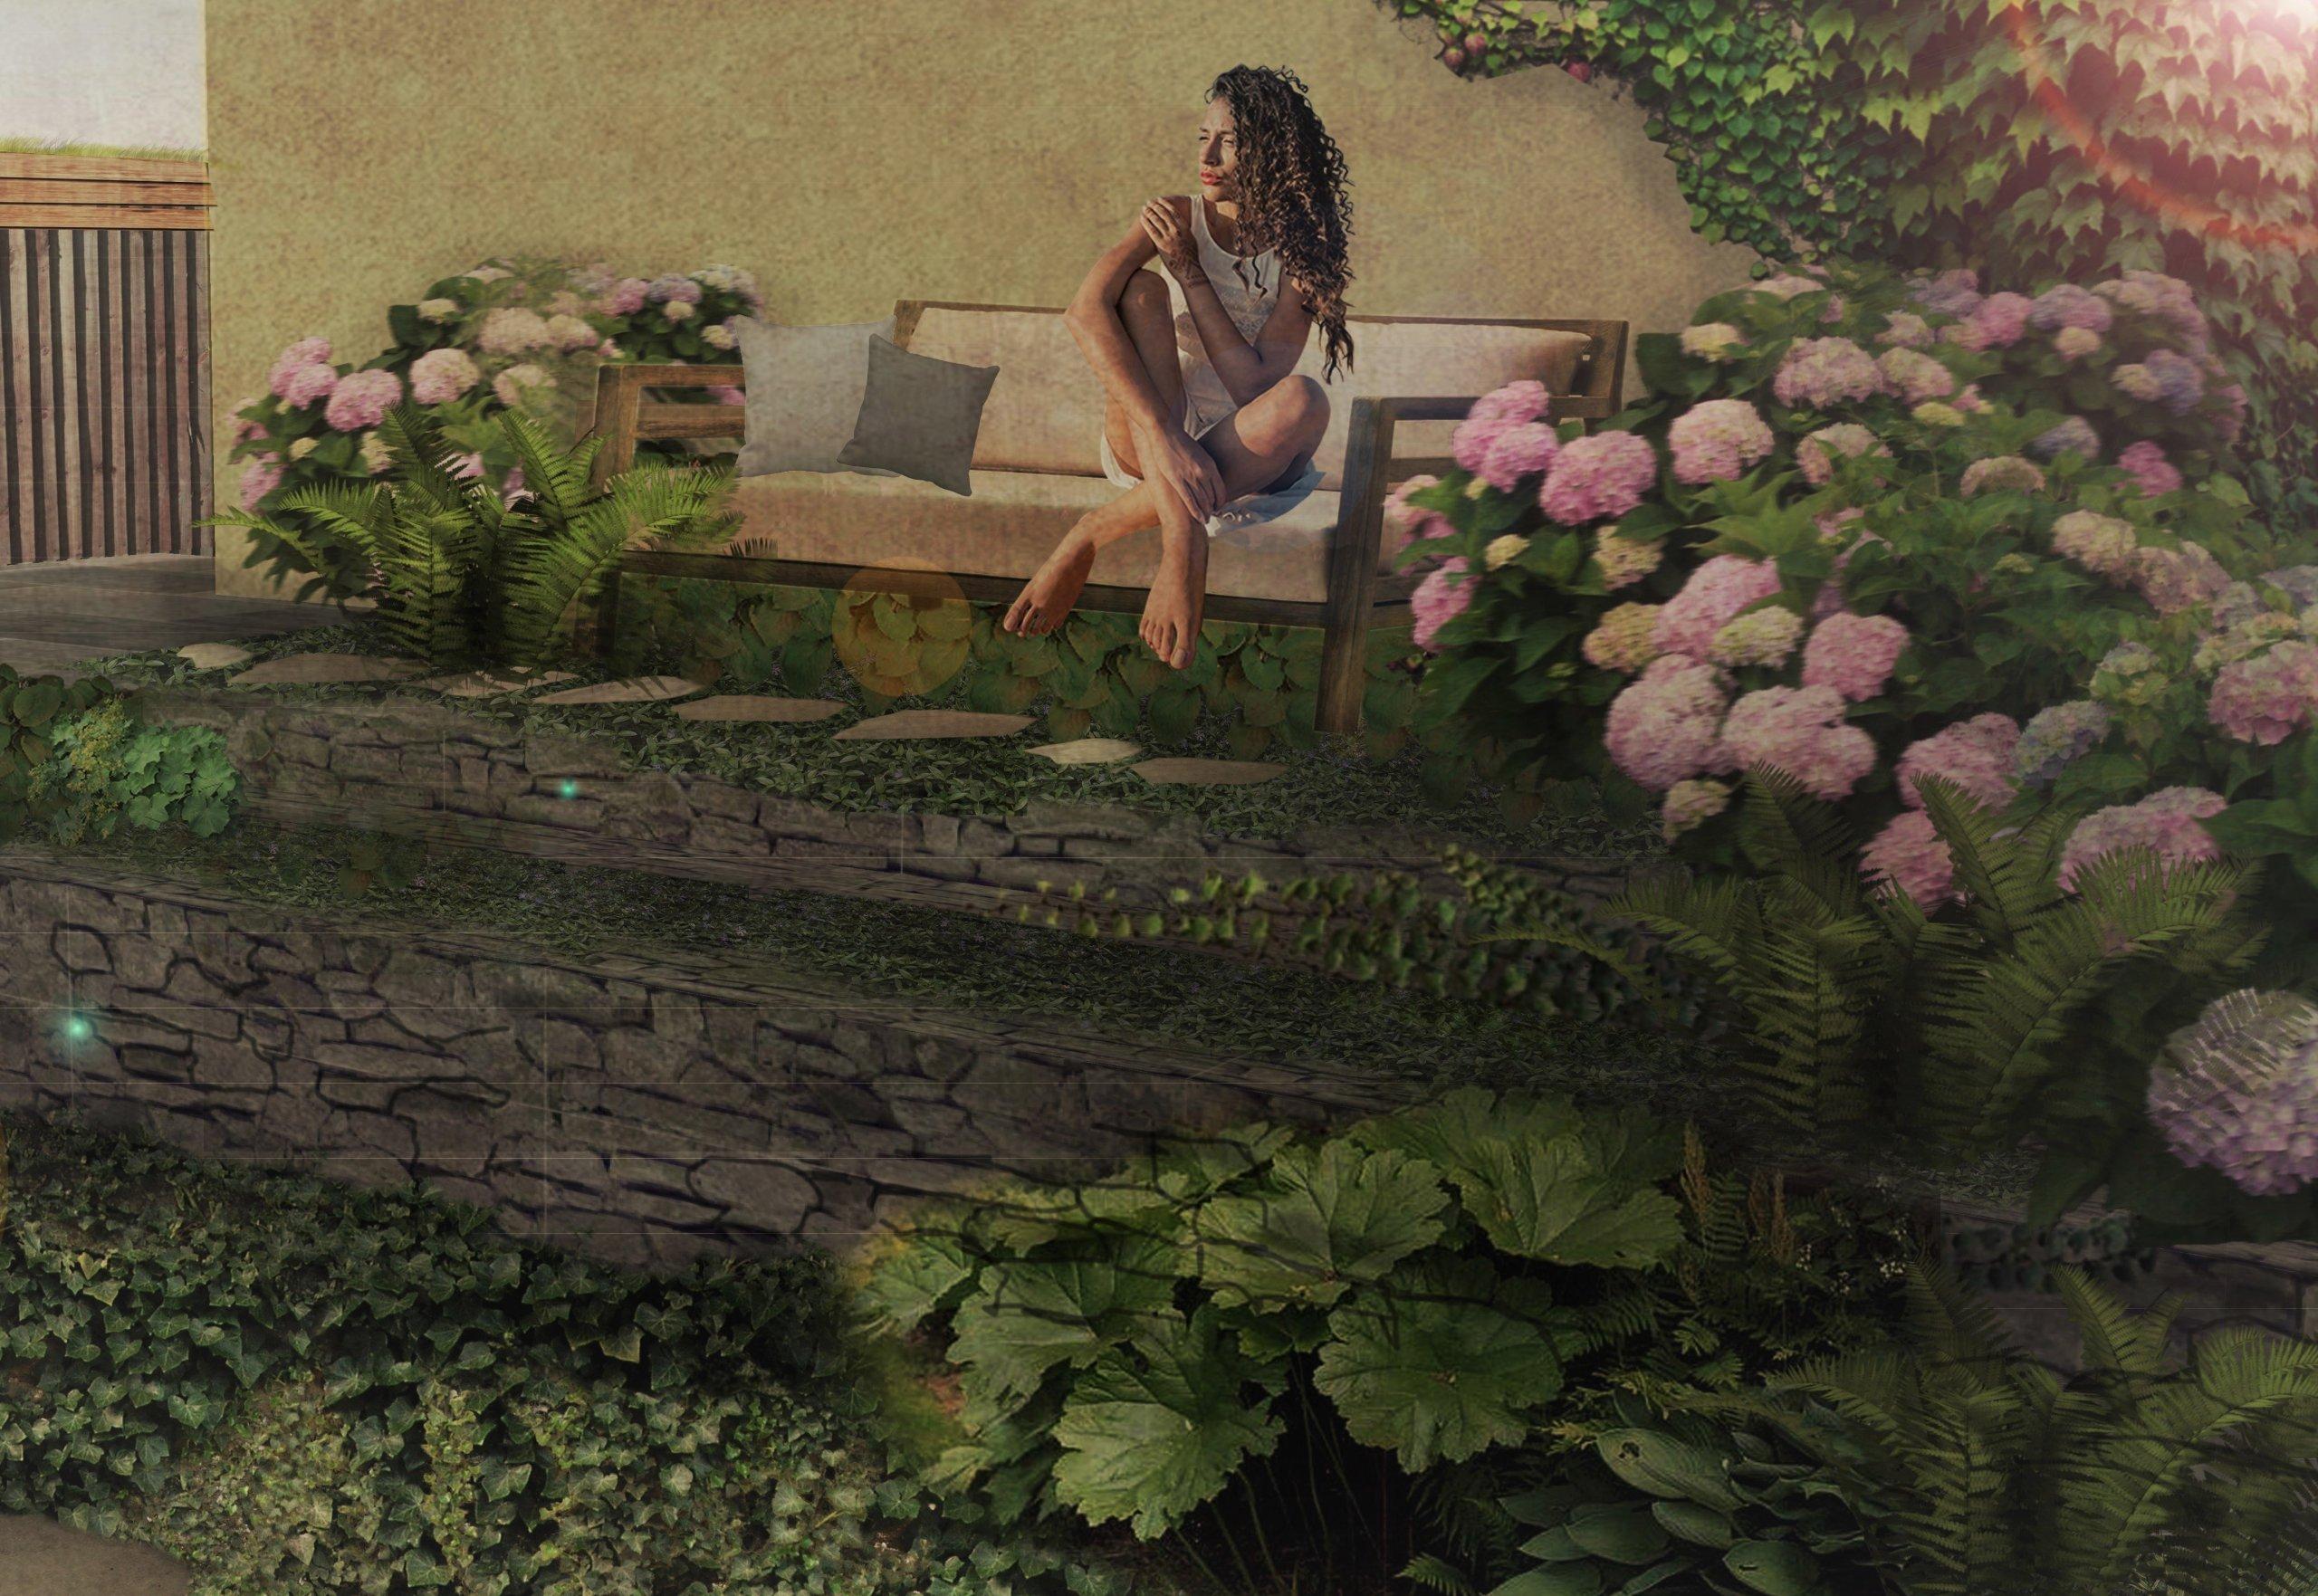 Stinná relaxační část zahrady s hortenziemi a kapradinami.